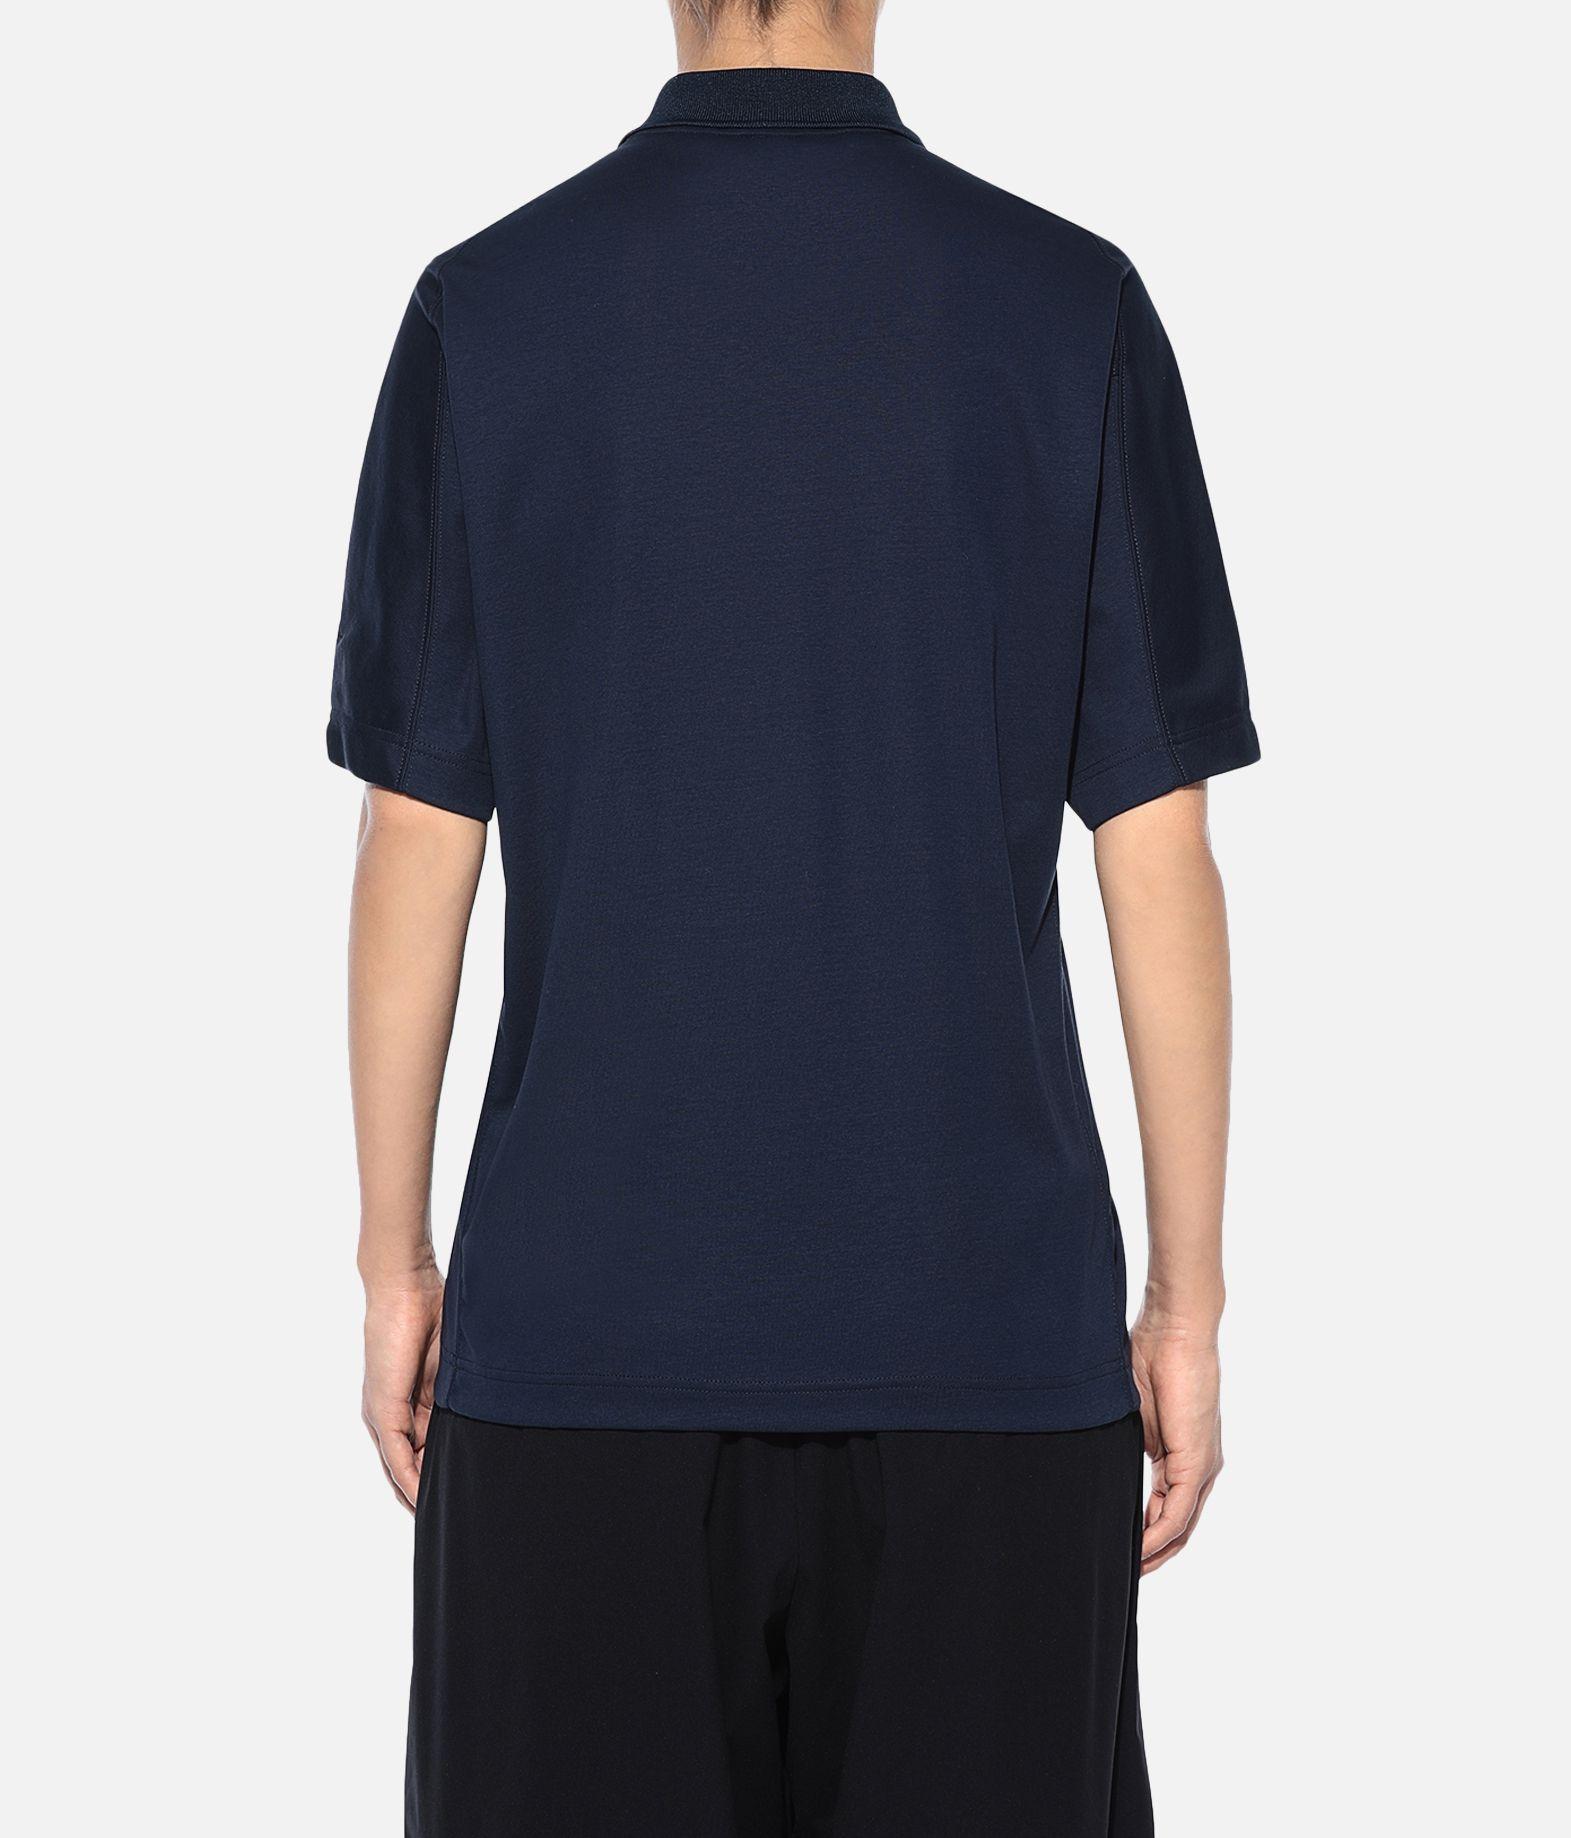 Y-3 Y-3 New Classic Polo Shirt  Поло Для Женщин d